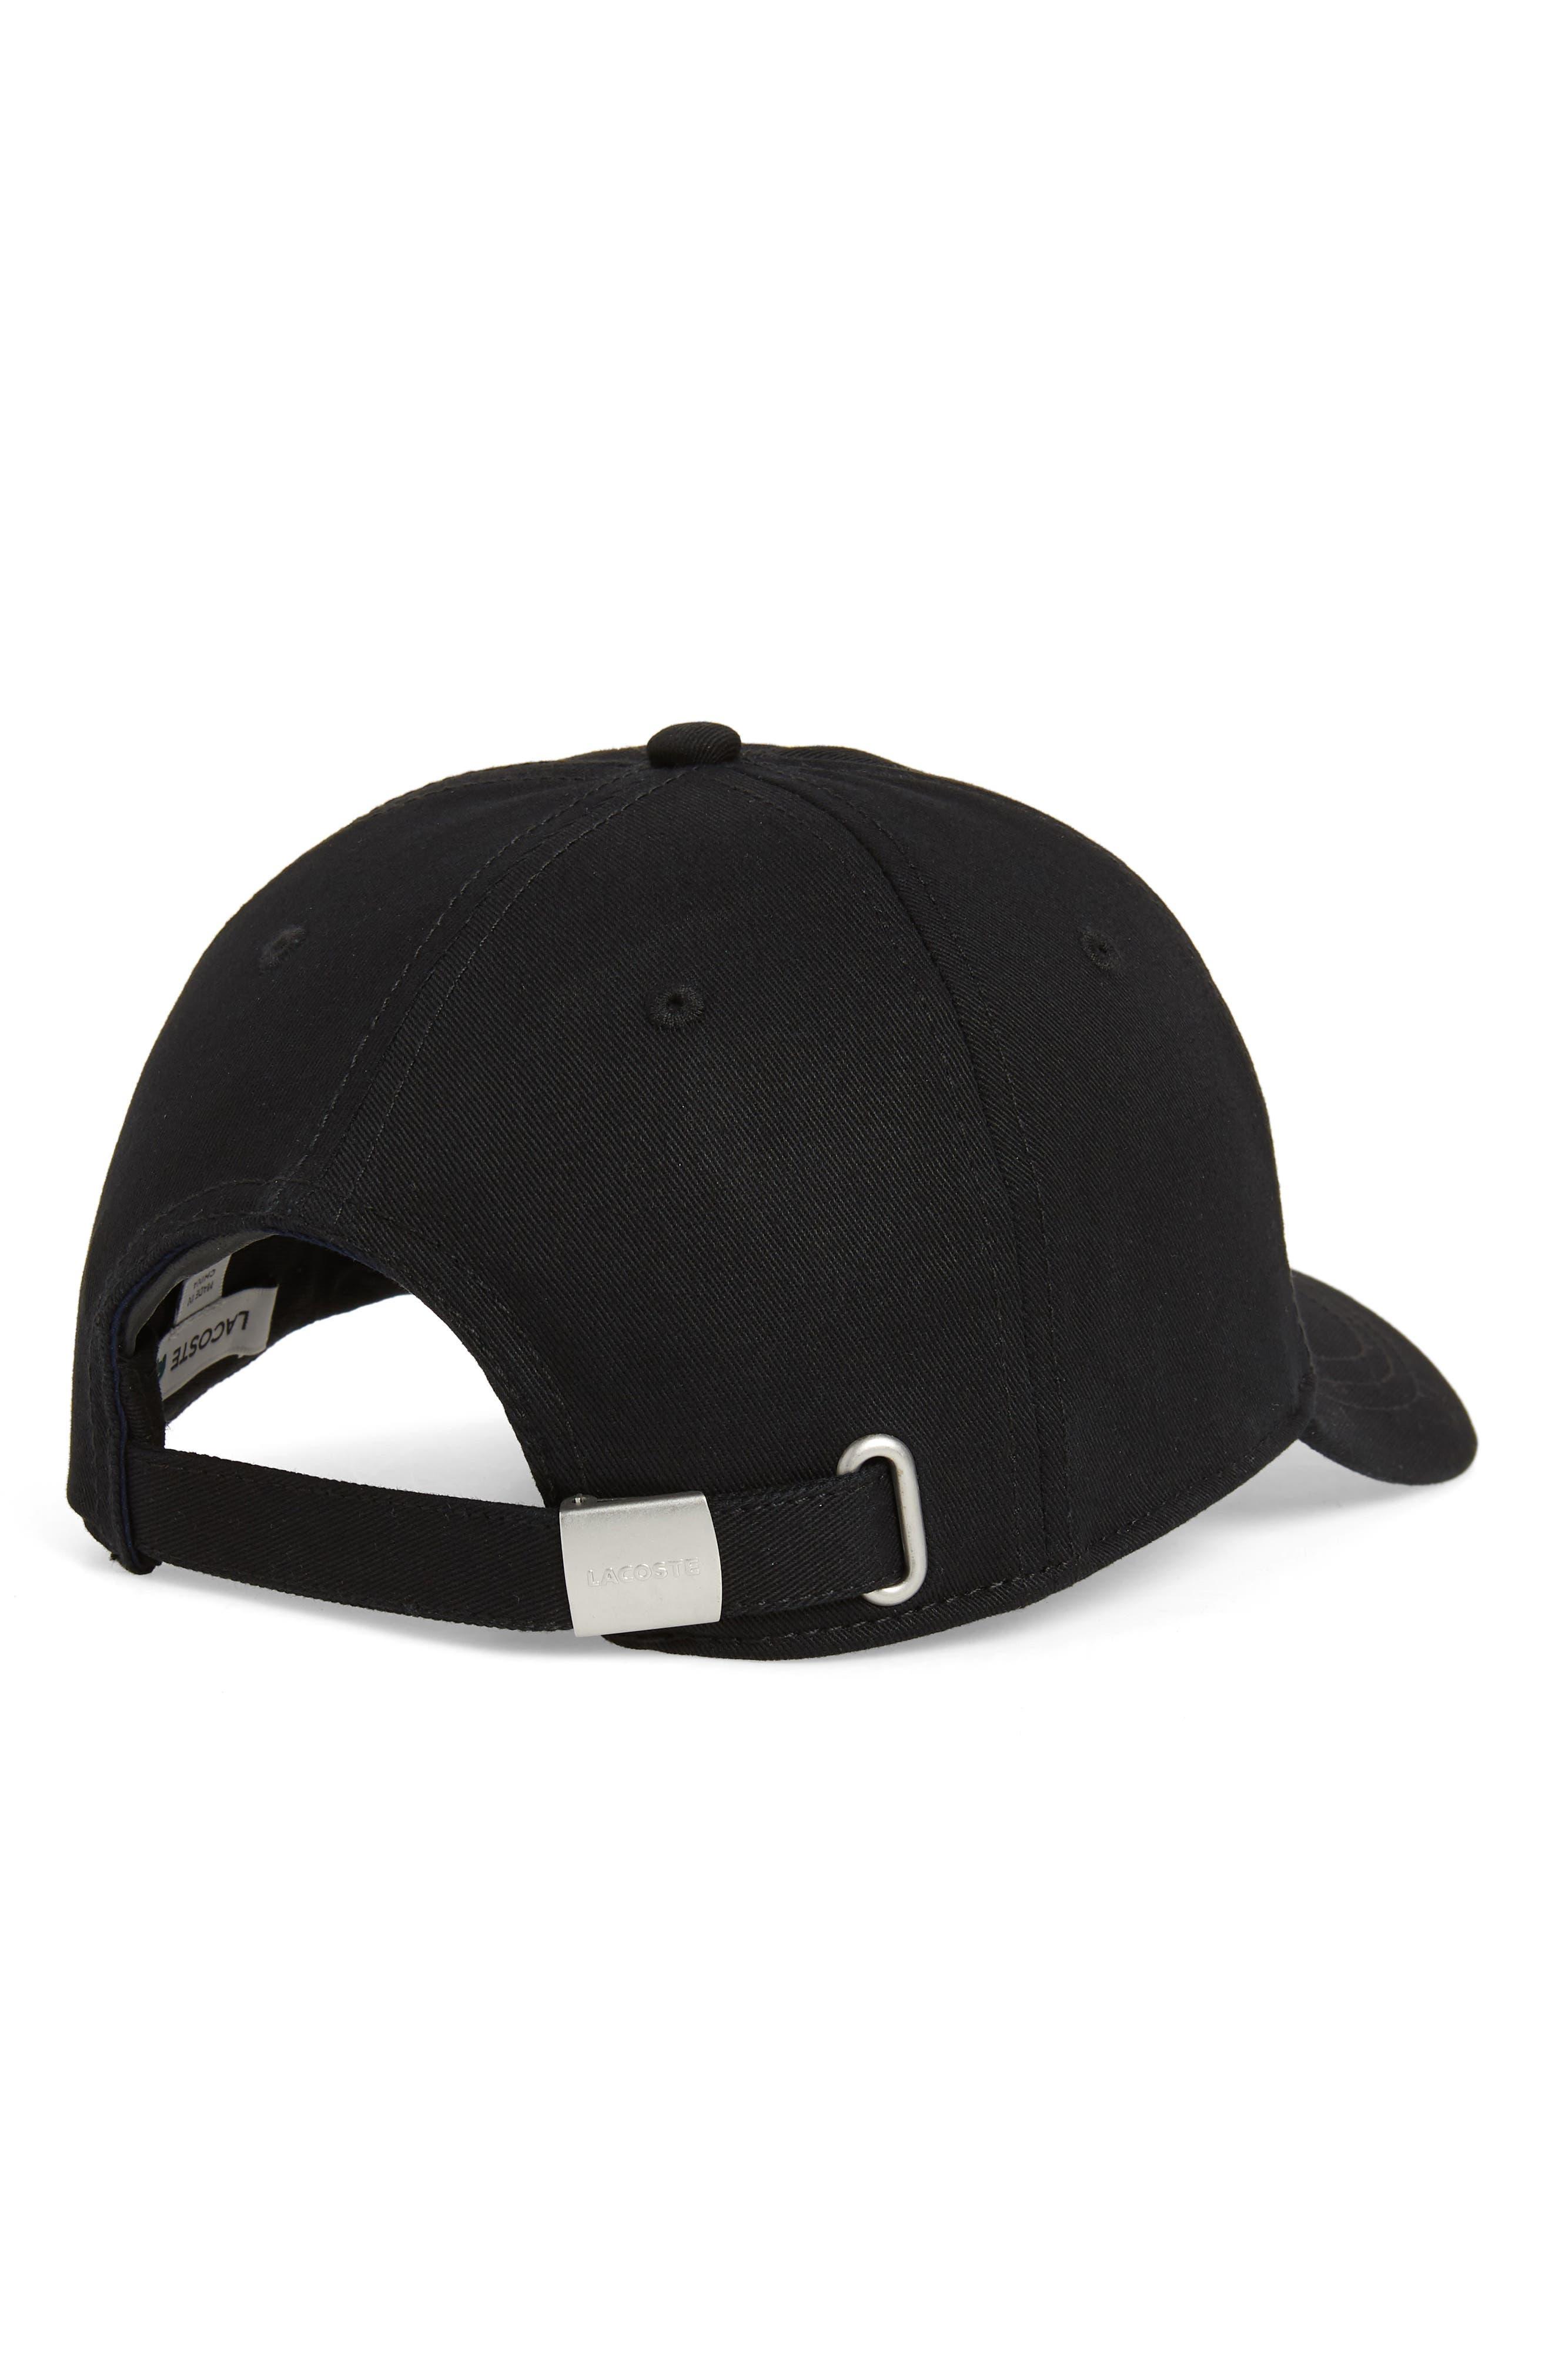 a4d6a34bfa6c8 Lacoste Men s Hats Clothing